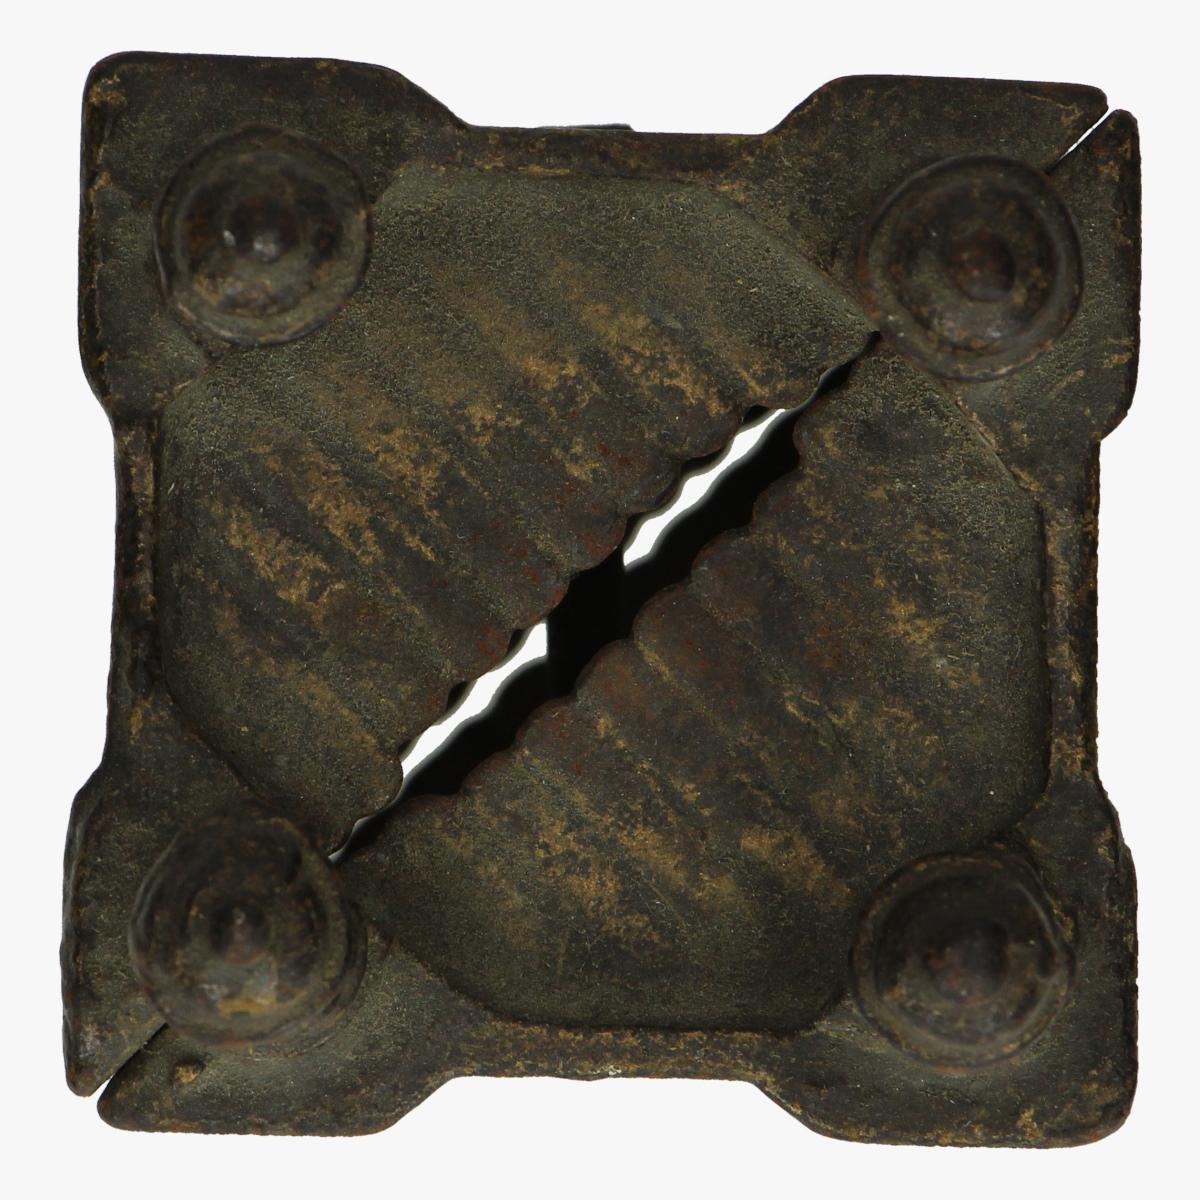 Afbeeldingen van spaarpot gietijzer